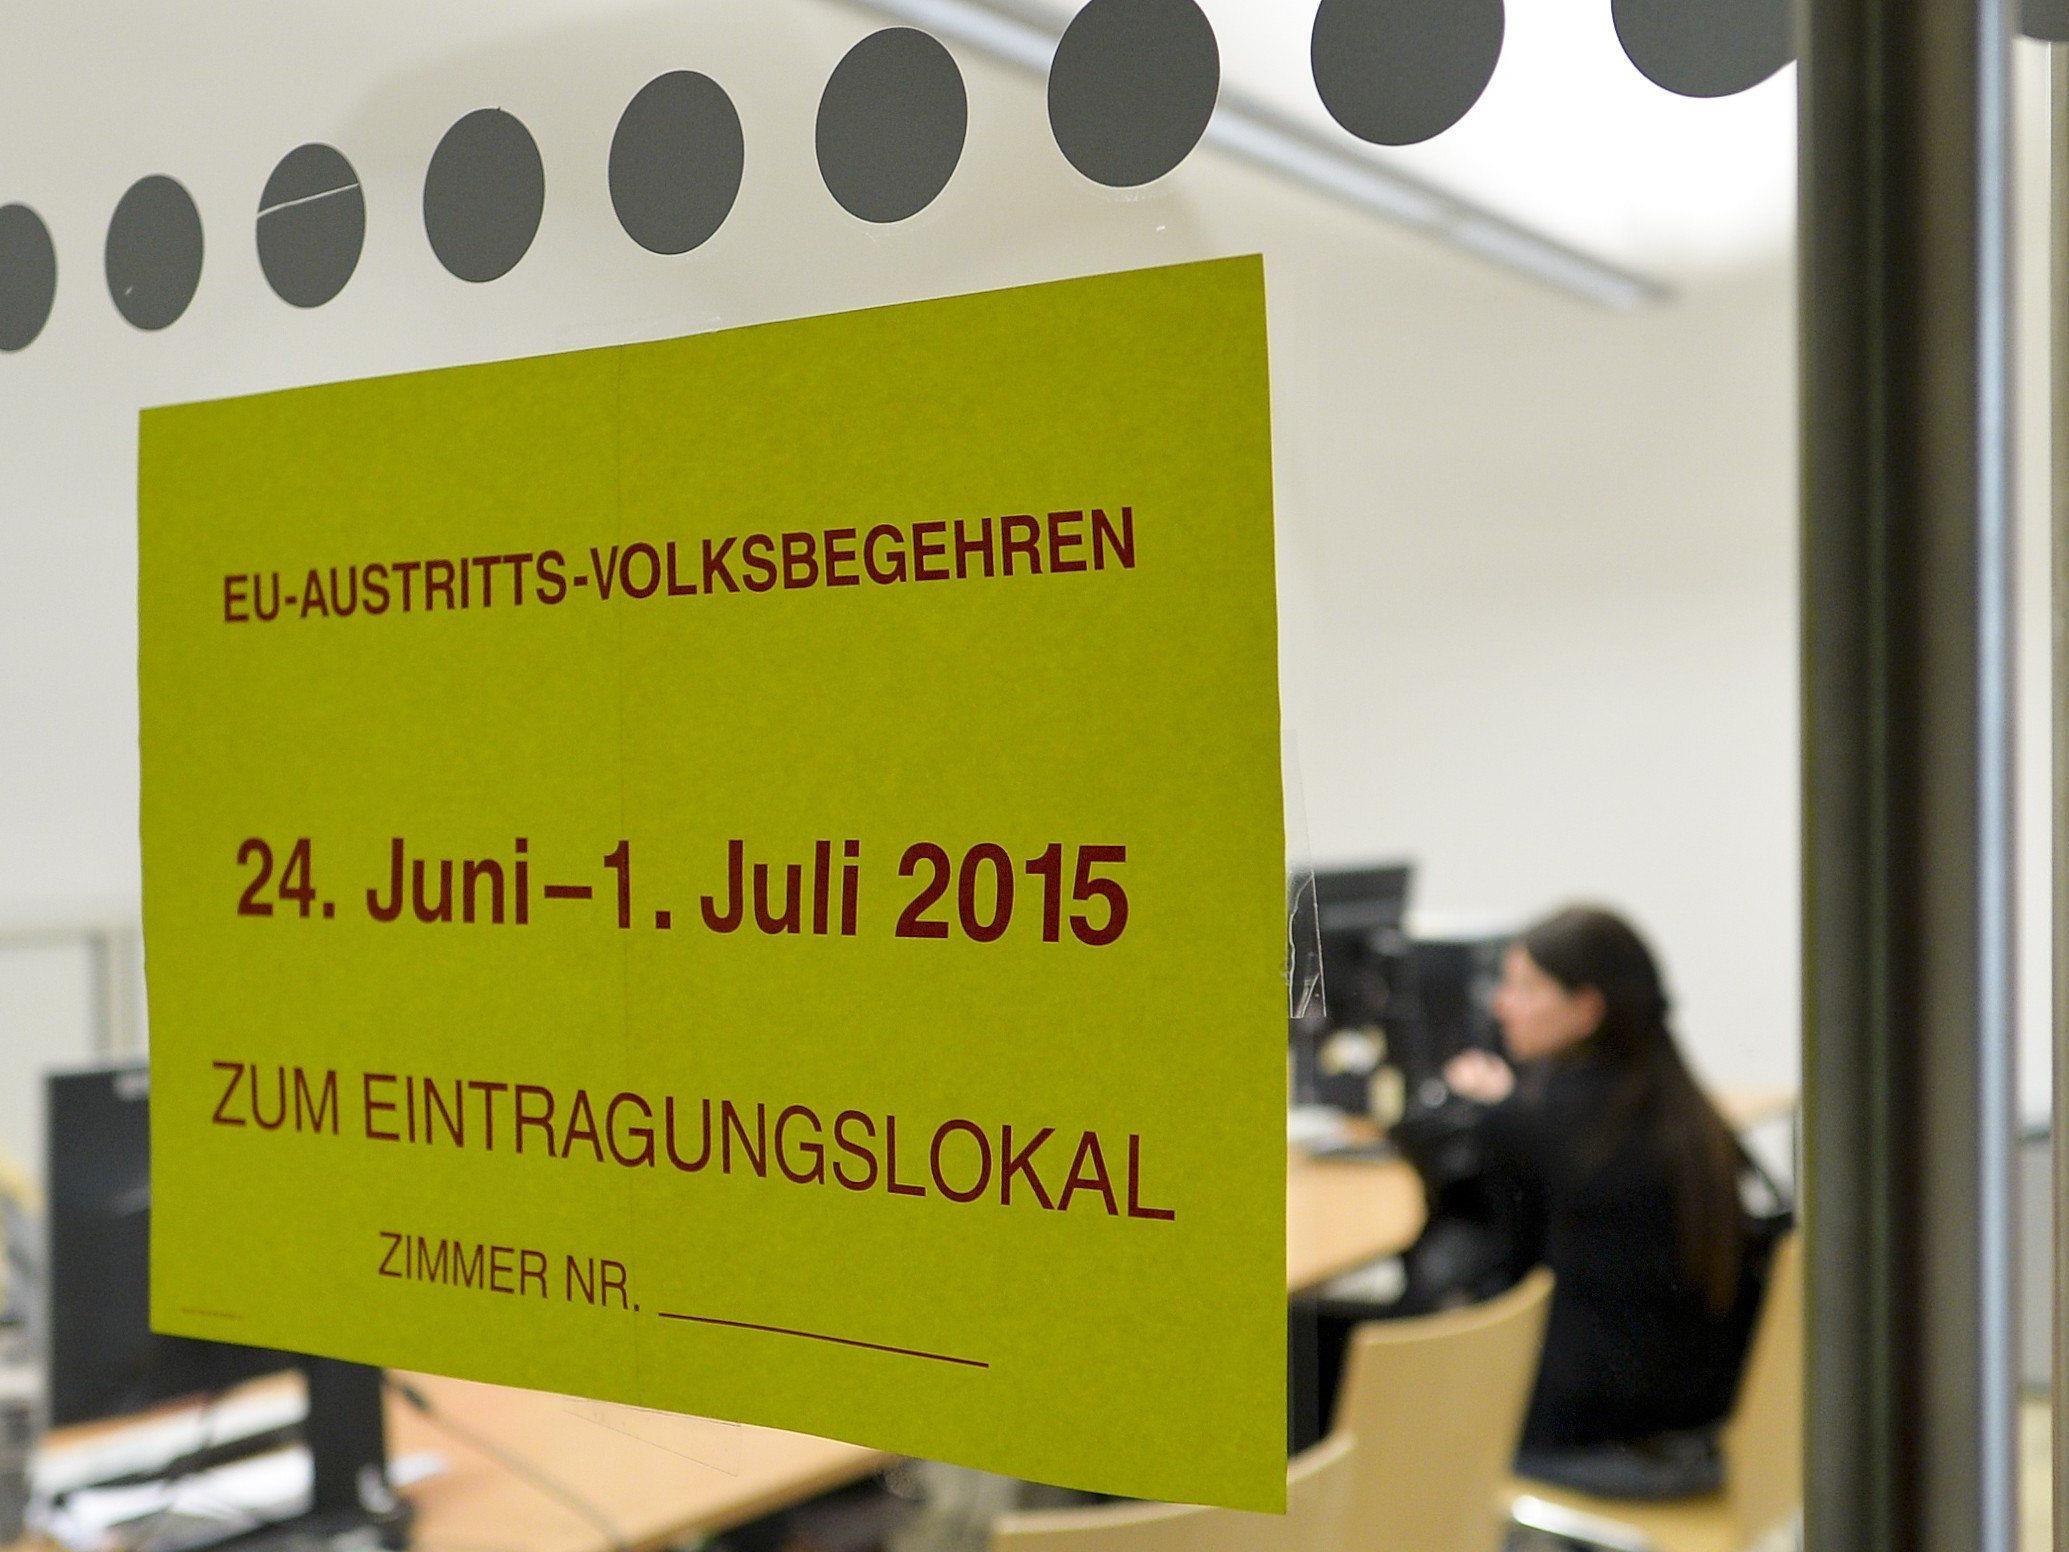 Mehr als 260.000 Österreicher unterzeichneten das Volksbegehren zum EU-Austritt.